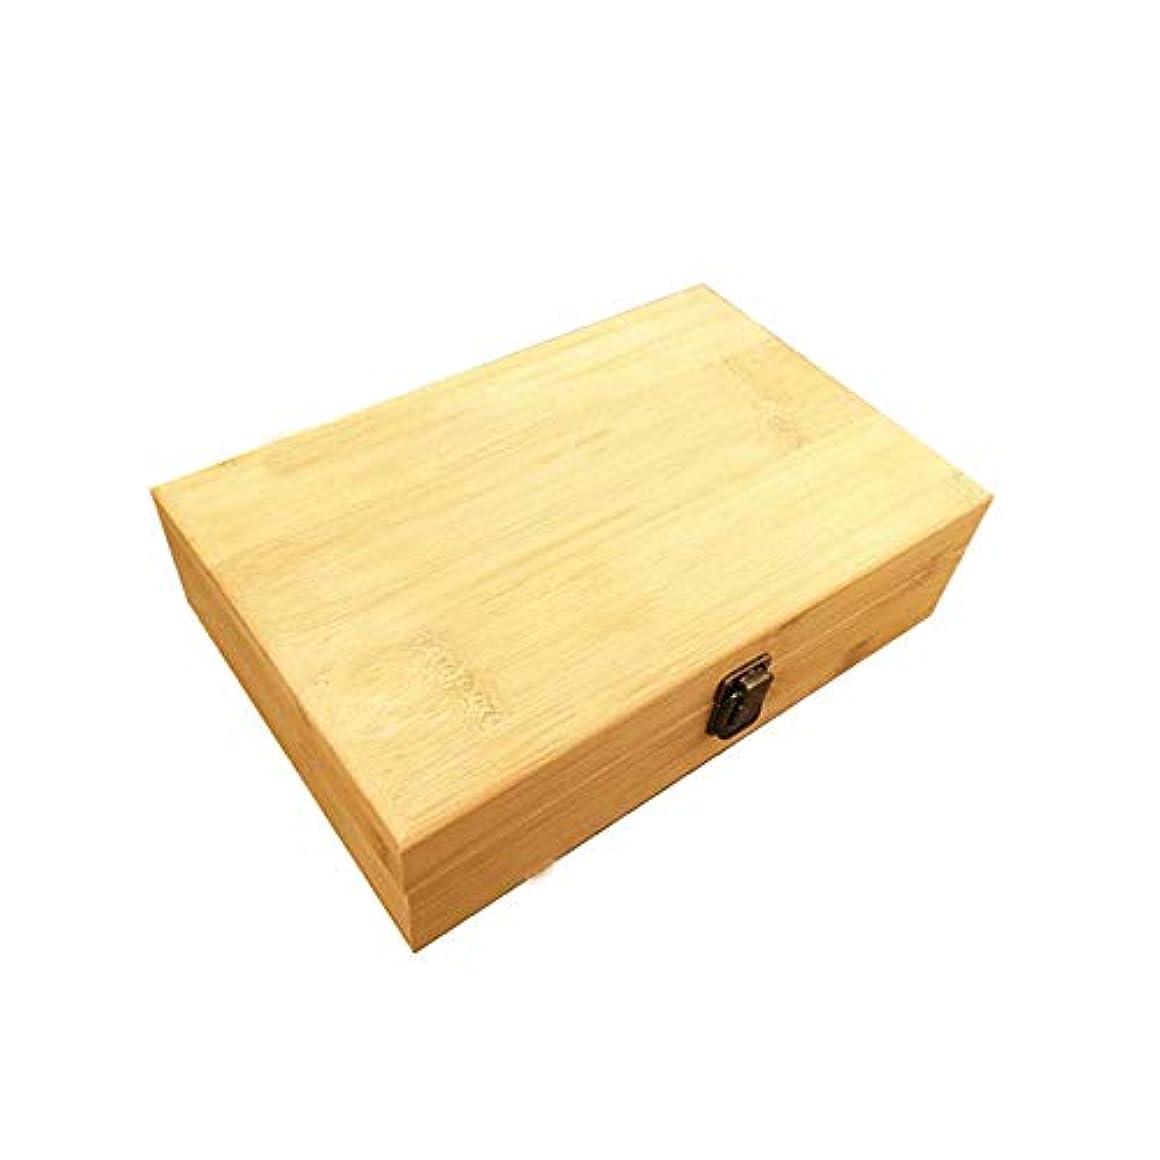 ロゴバラエティ無一文エッセンシャルオイル収納ボックス 40スロットエッセンシャルオイルボックス木製収納ケースは、40本のボトルエッセンシャルオイルスペースセーバー29x18.5x8cm成り立ちます (色 : Natural, サイズ : 29X18.5X8CM)